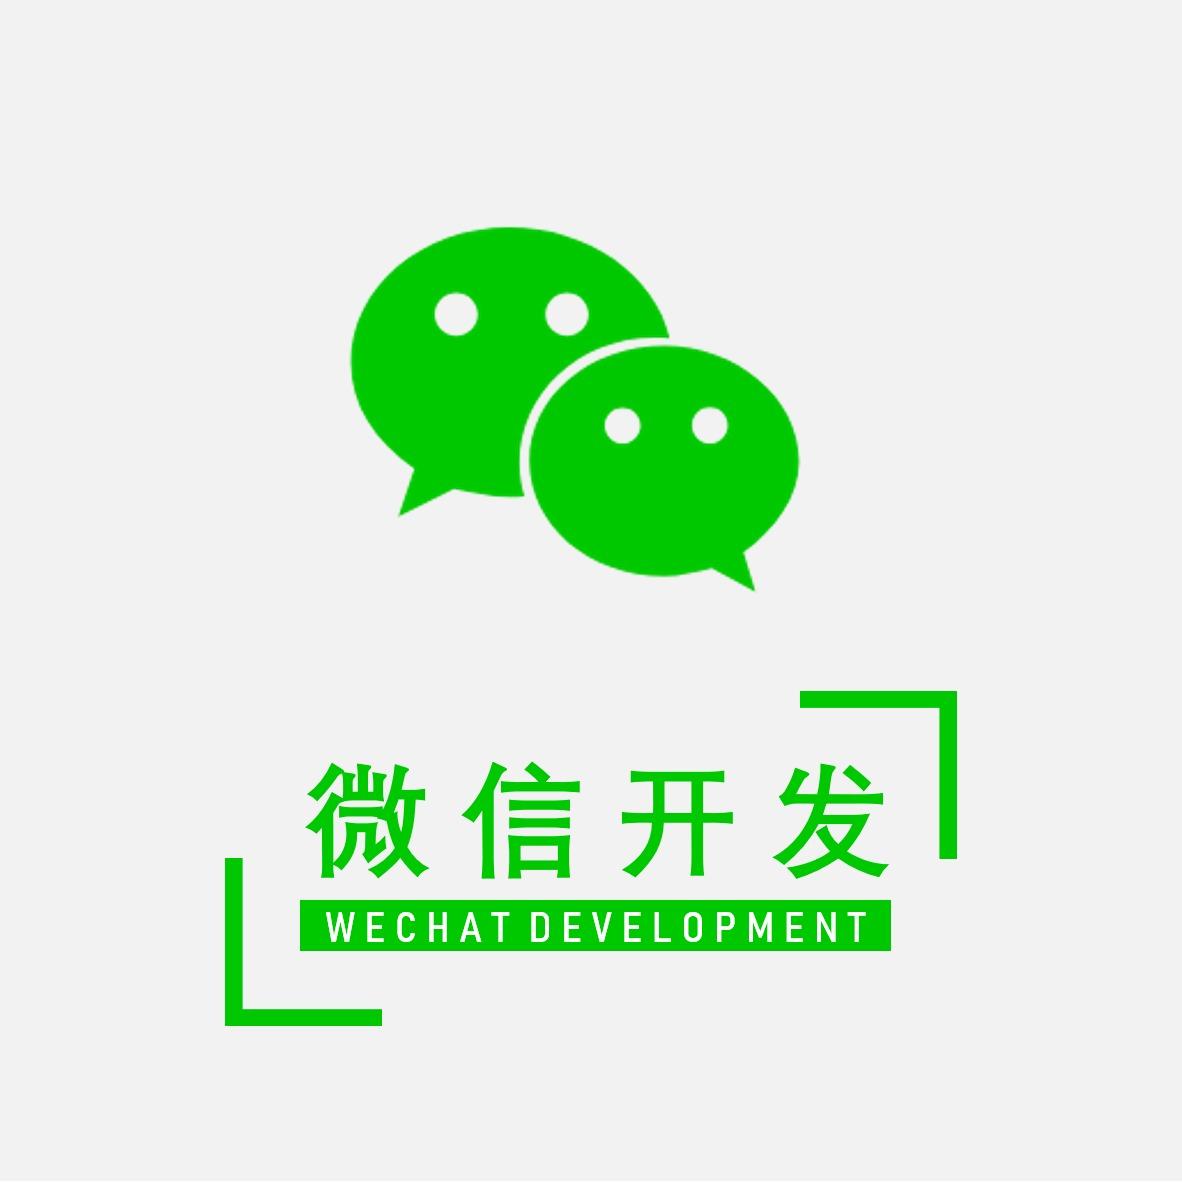 官网号丨微官网公众号丨企业公众号丨服务号丨公众号丨微信开发